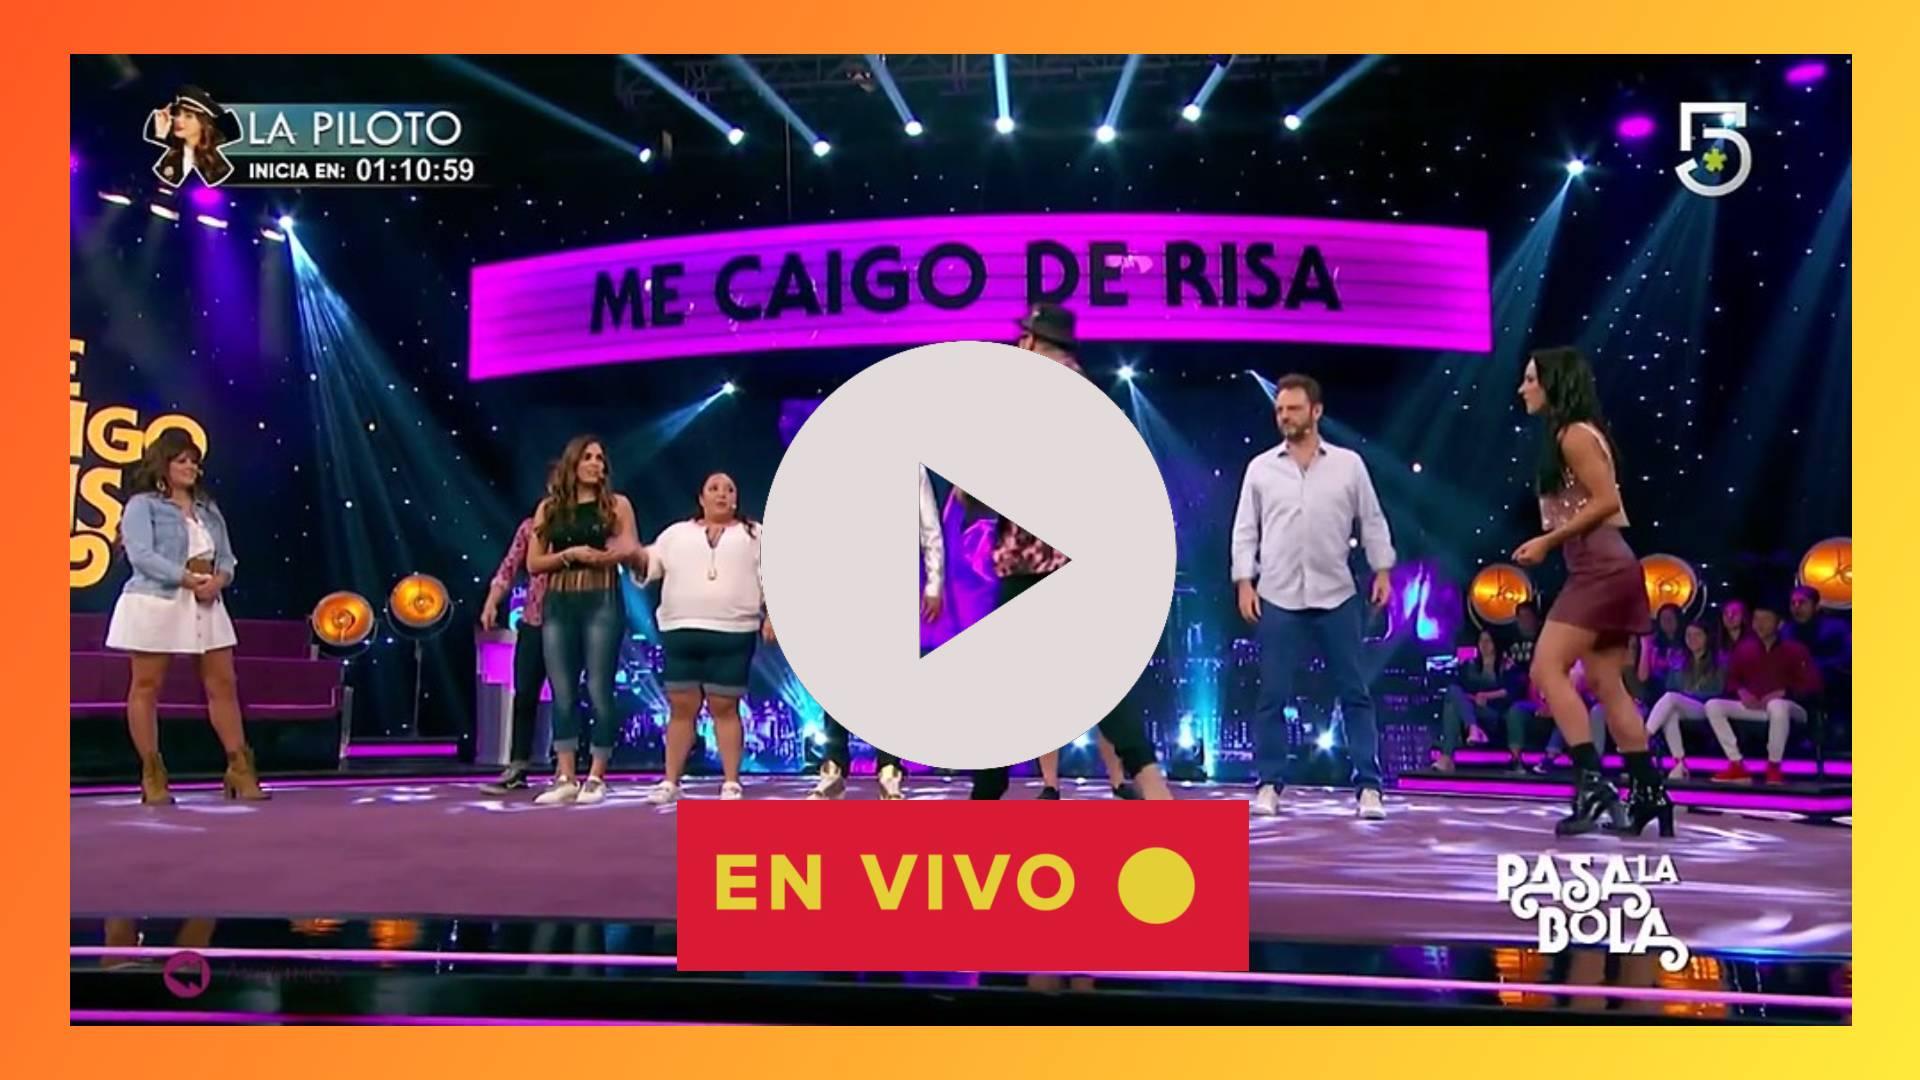 LIVE STREAM en directo: ¿Cómo ver Me Caigo de Risa 2020 en vivo?